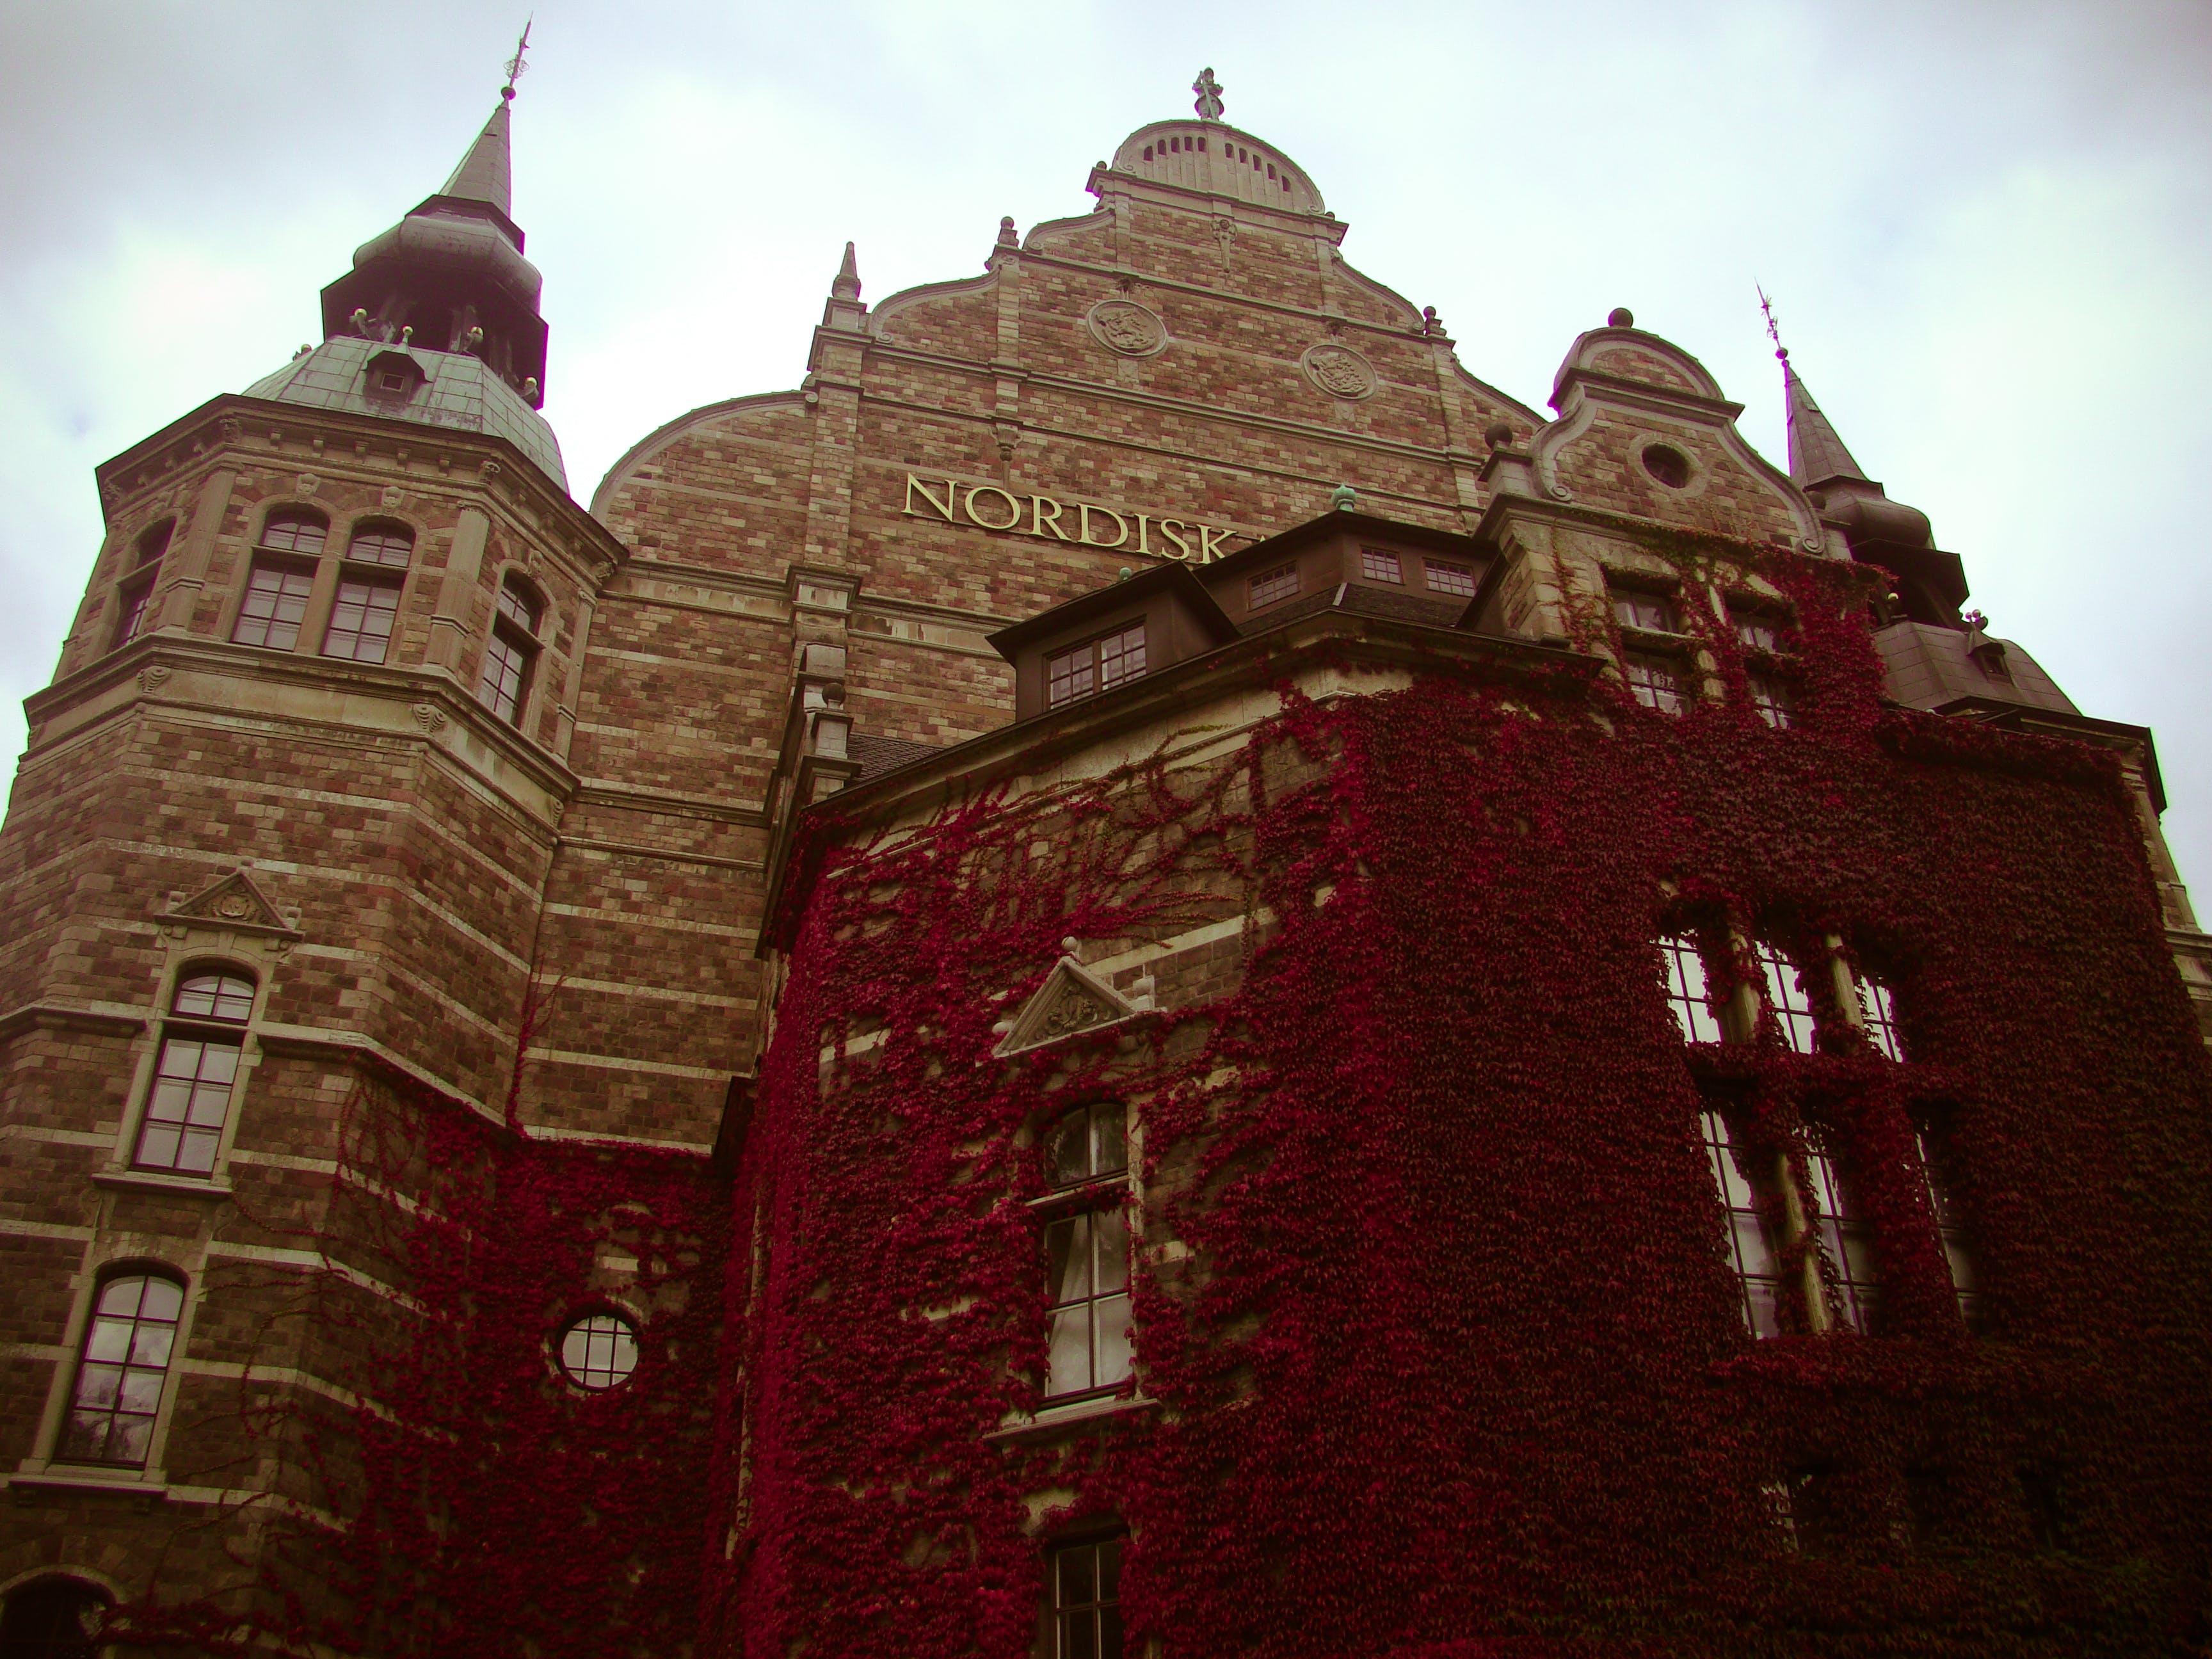 Nordic museum